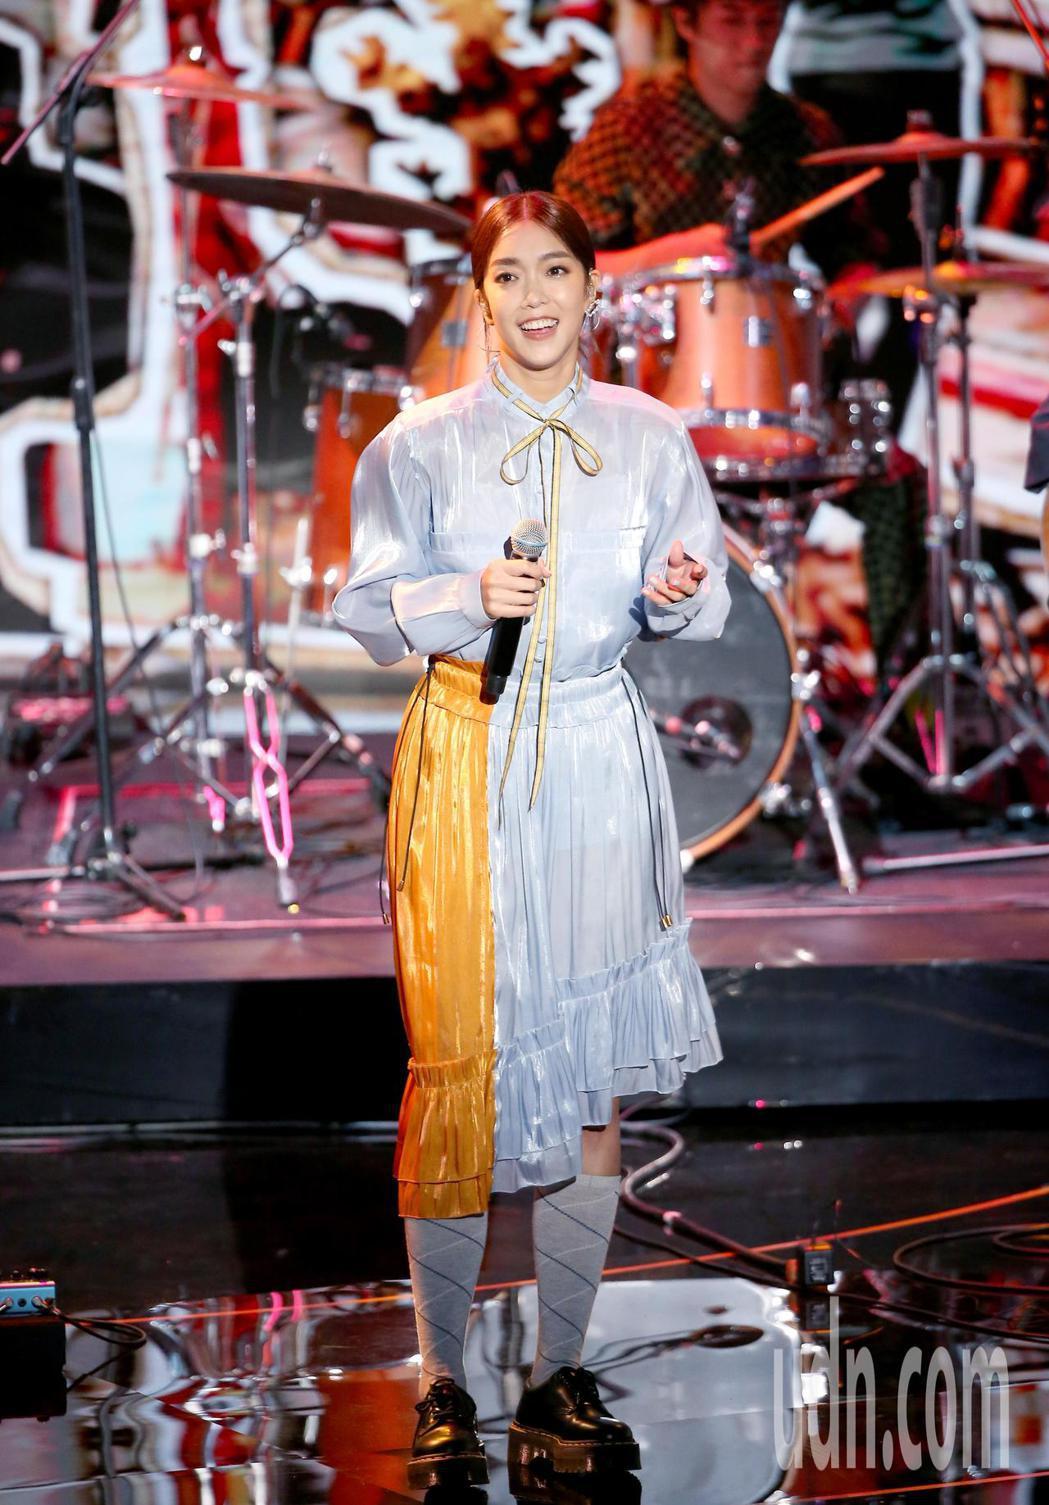 第57屆金馬獎頒獎典禮在國父紀念館舉行,李霈瑜與瘦瘦英雄演唱入圍最佳原創電影歌曲